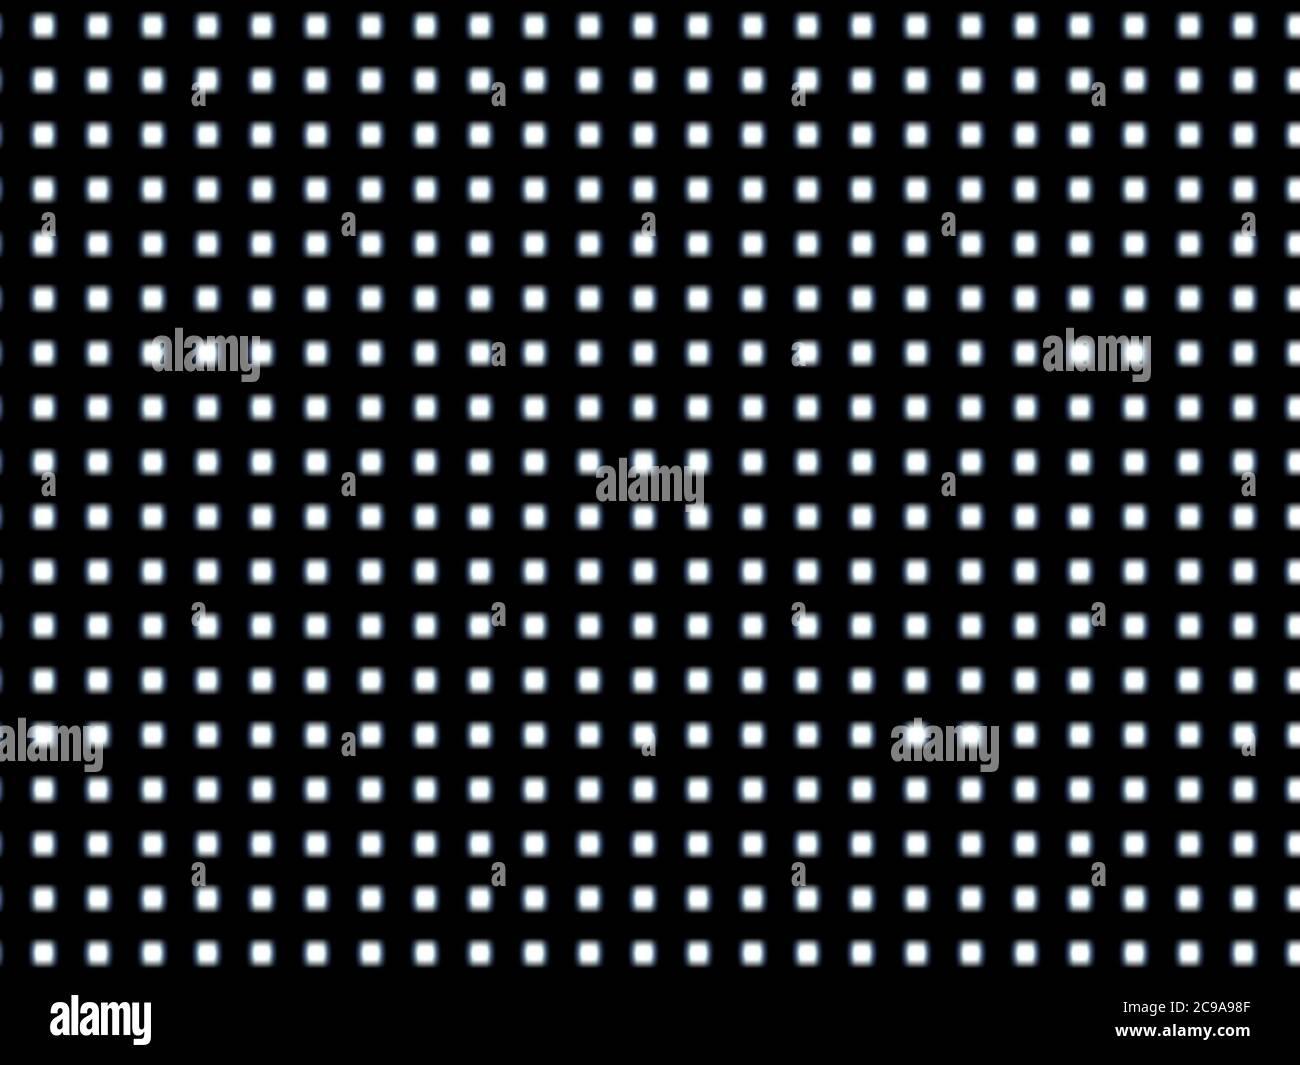 Publicité abstraite, noir et blanc, dégradé dynamique décorative brillant, motif moderne contemporain Banque D'Images